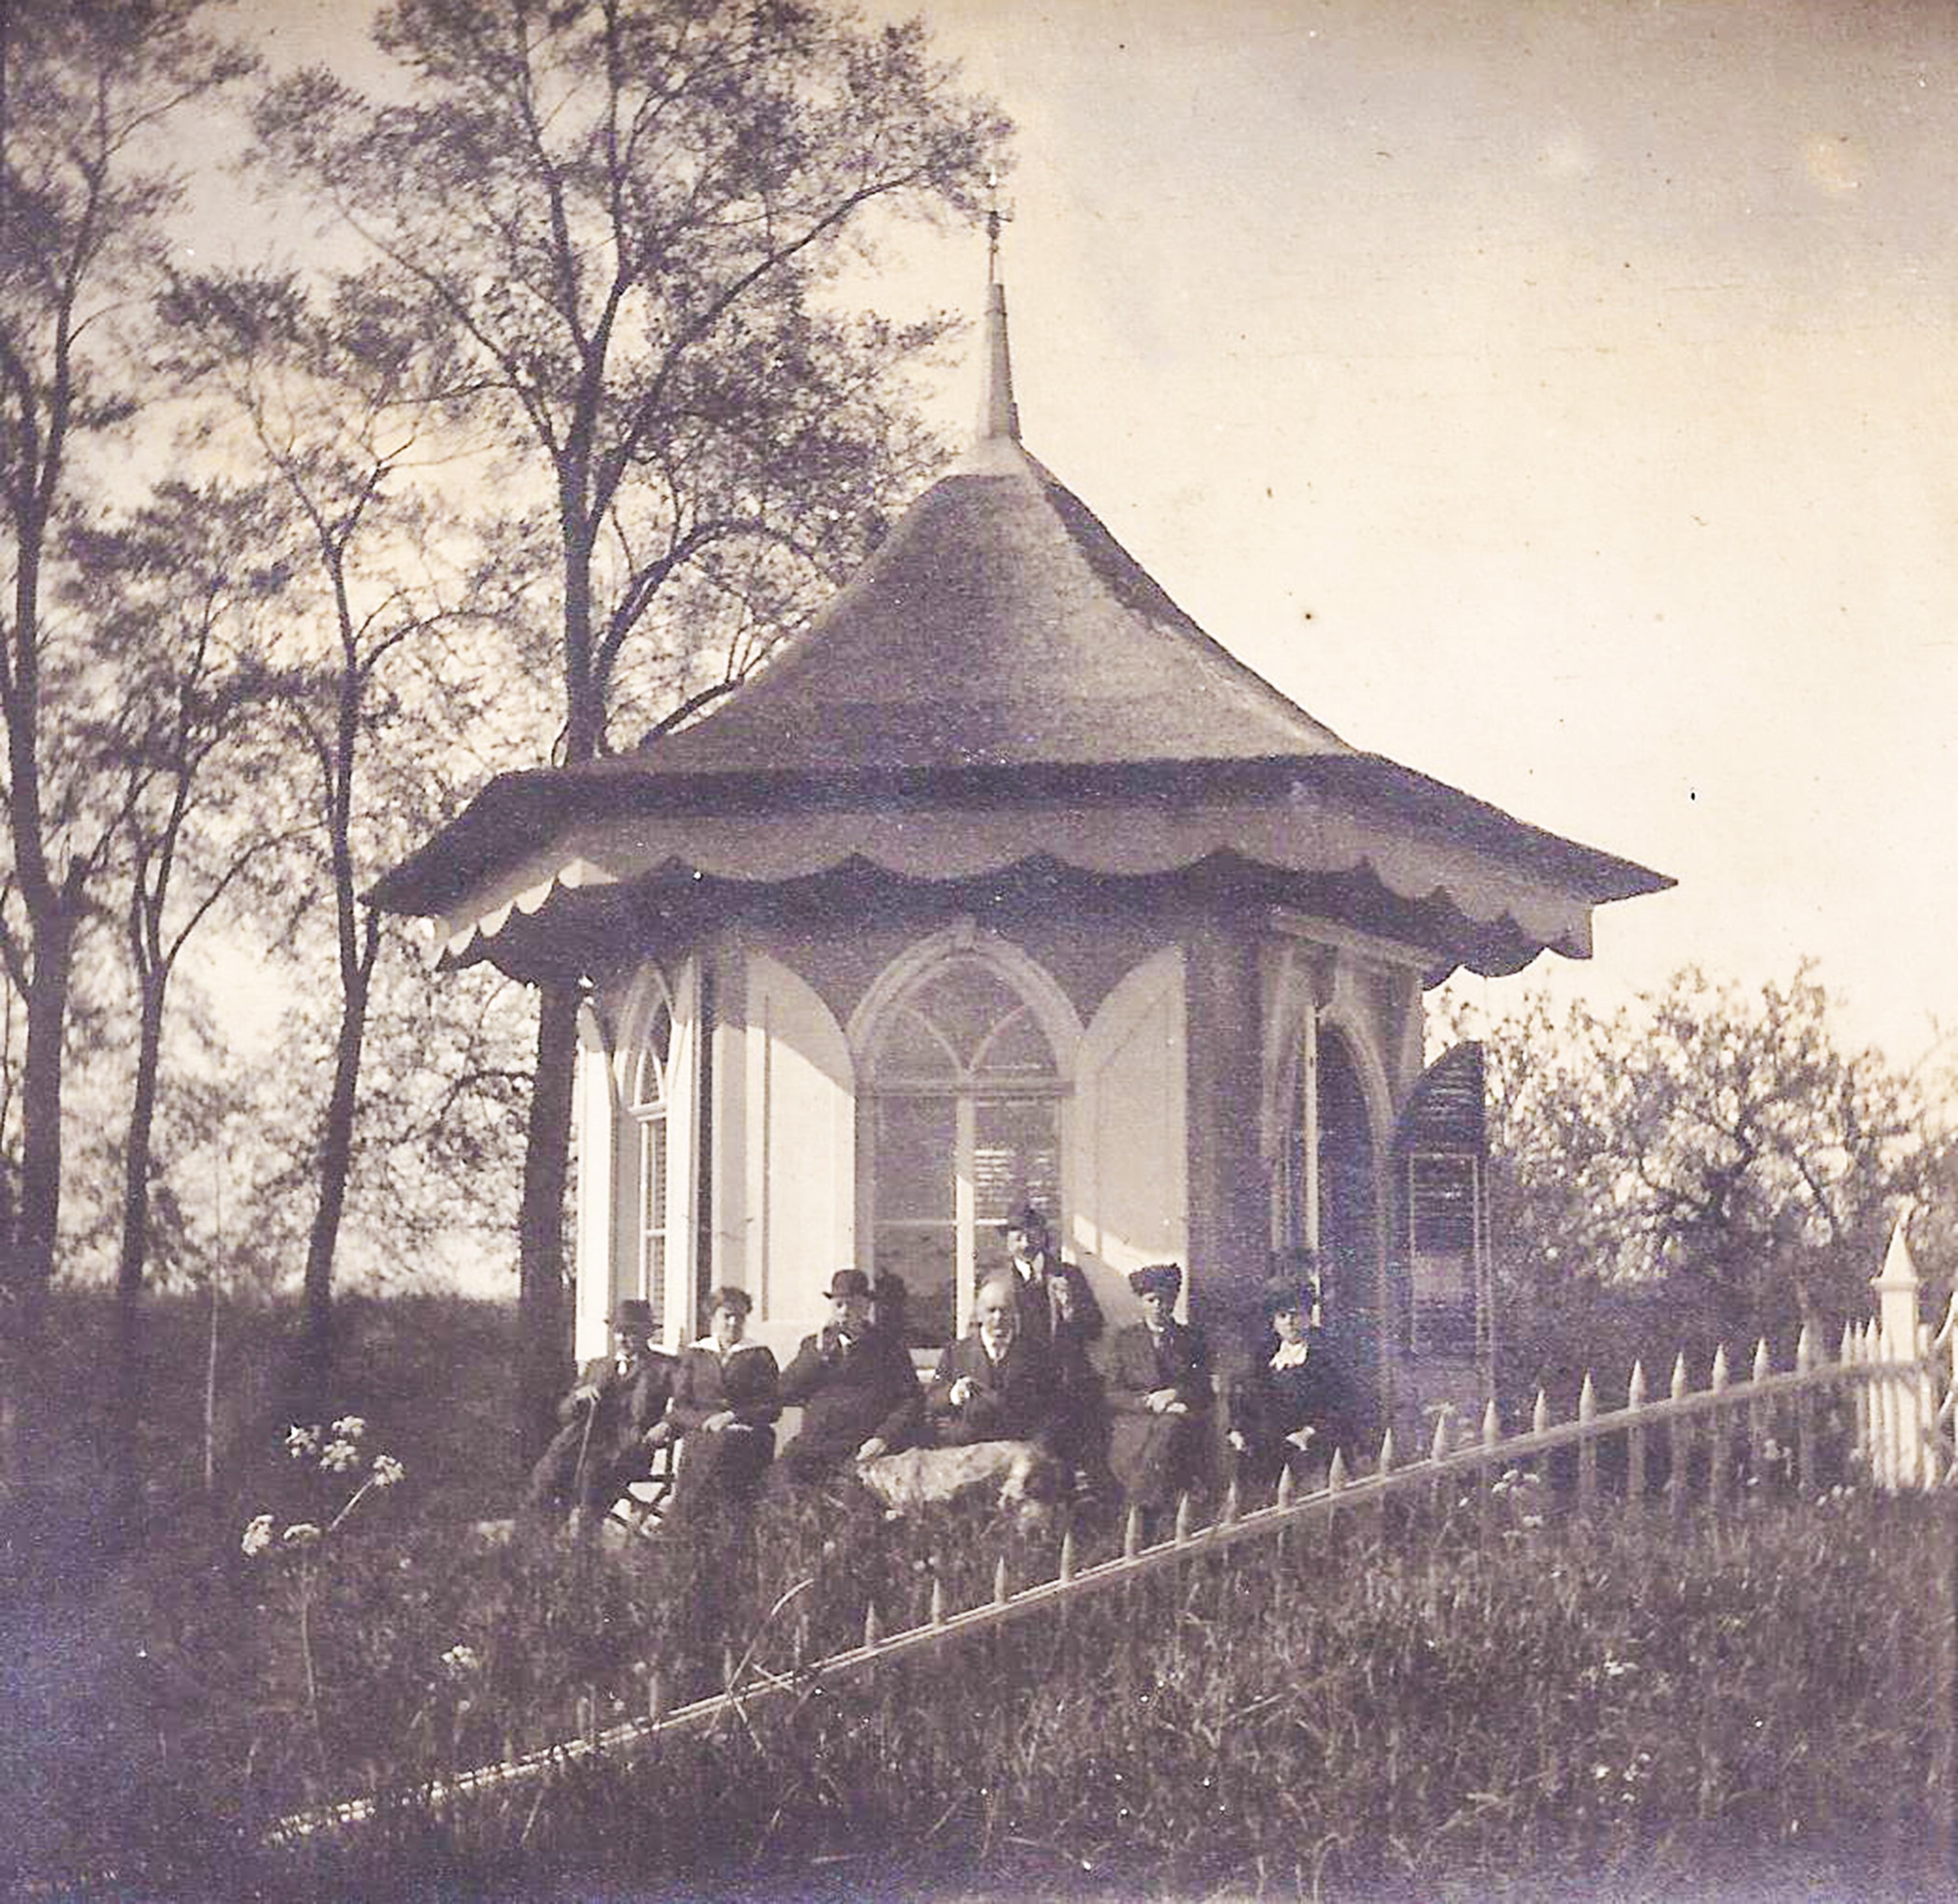 Koepel Jaarsveld, 14 mei 1915 a